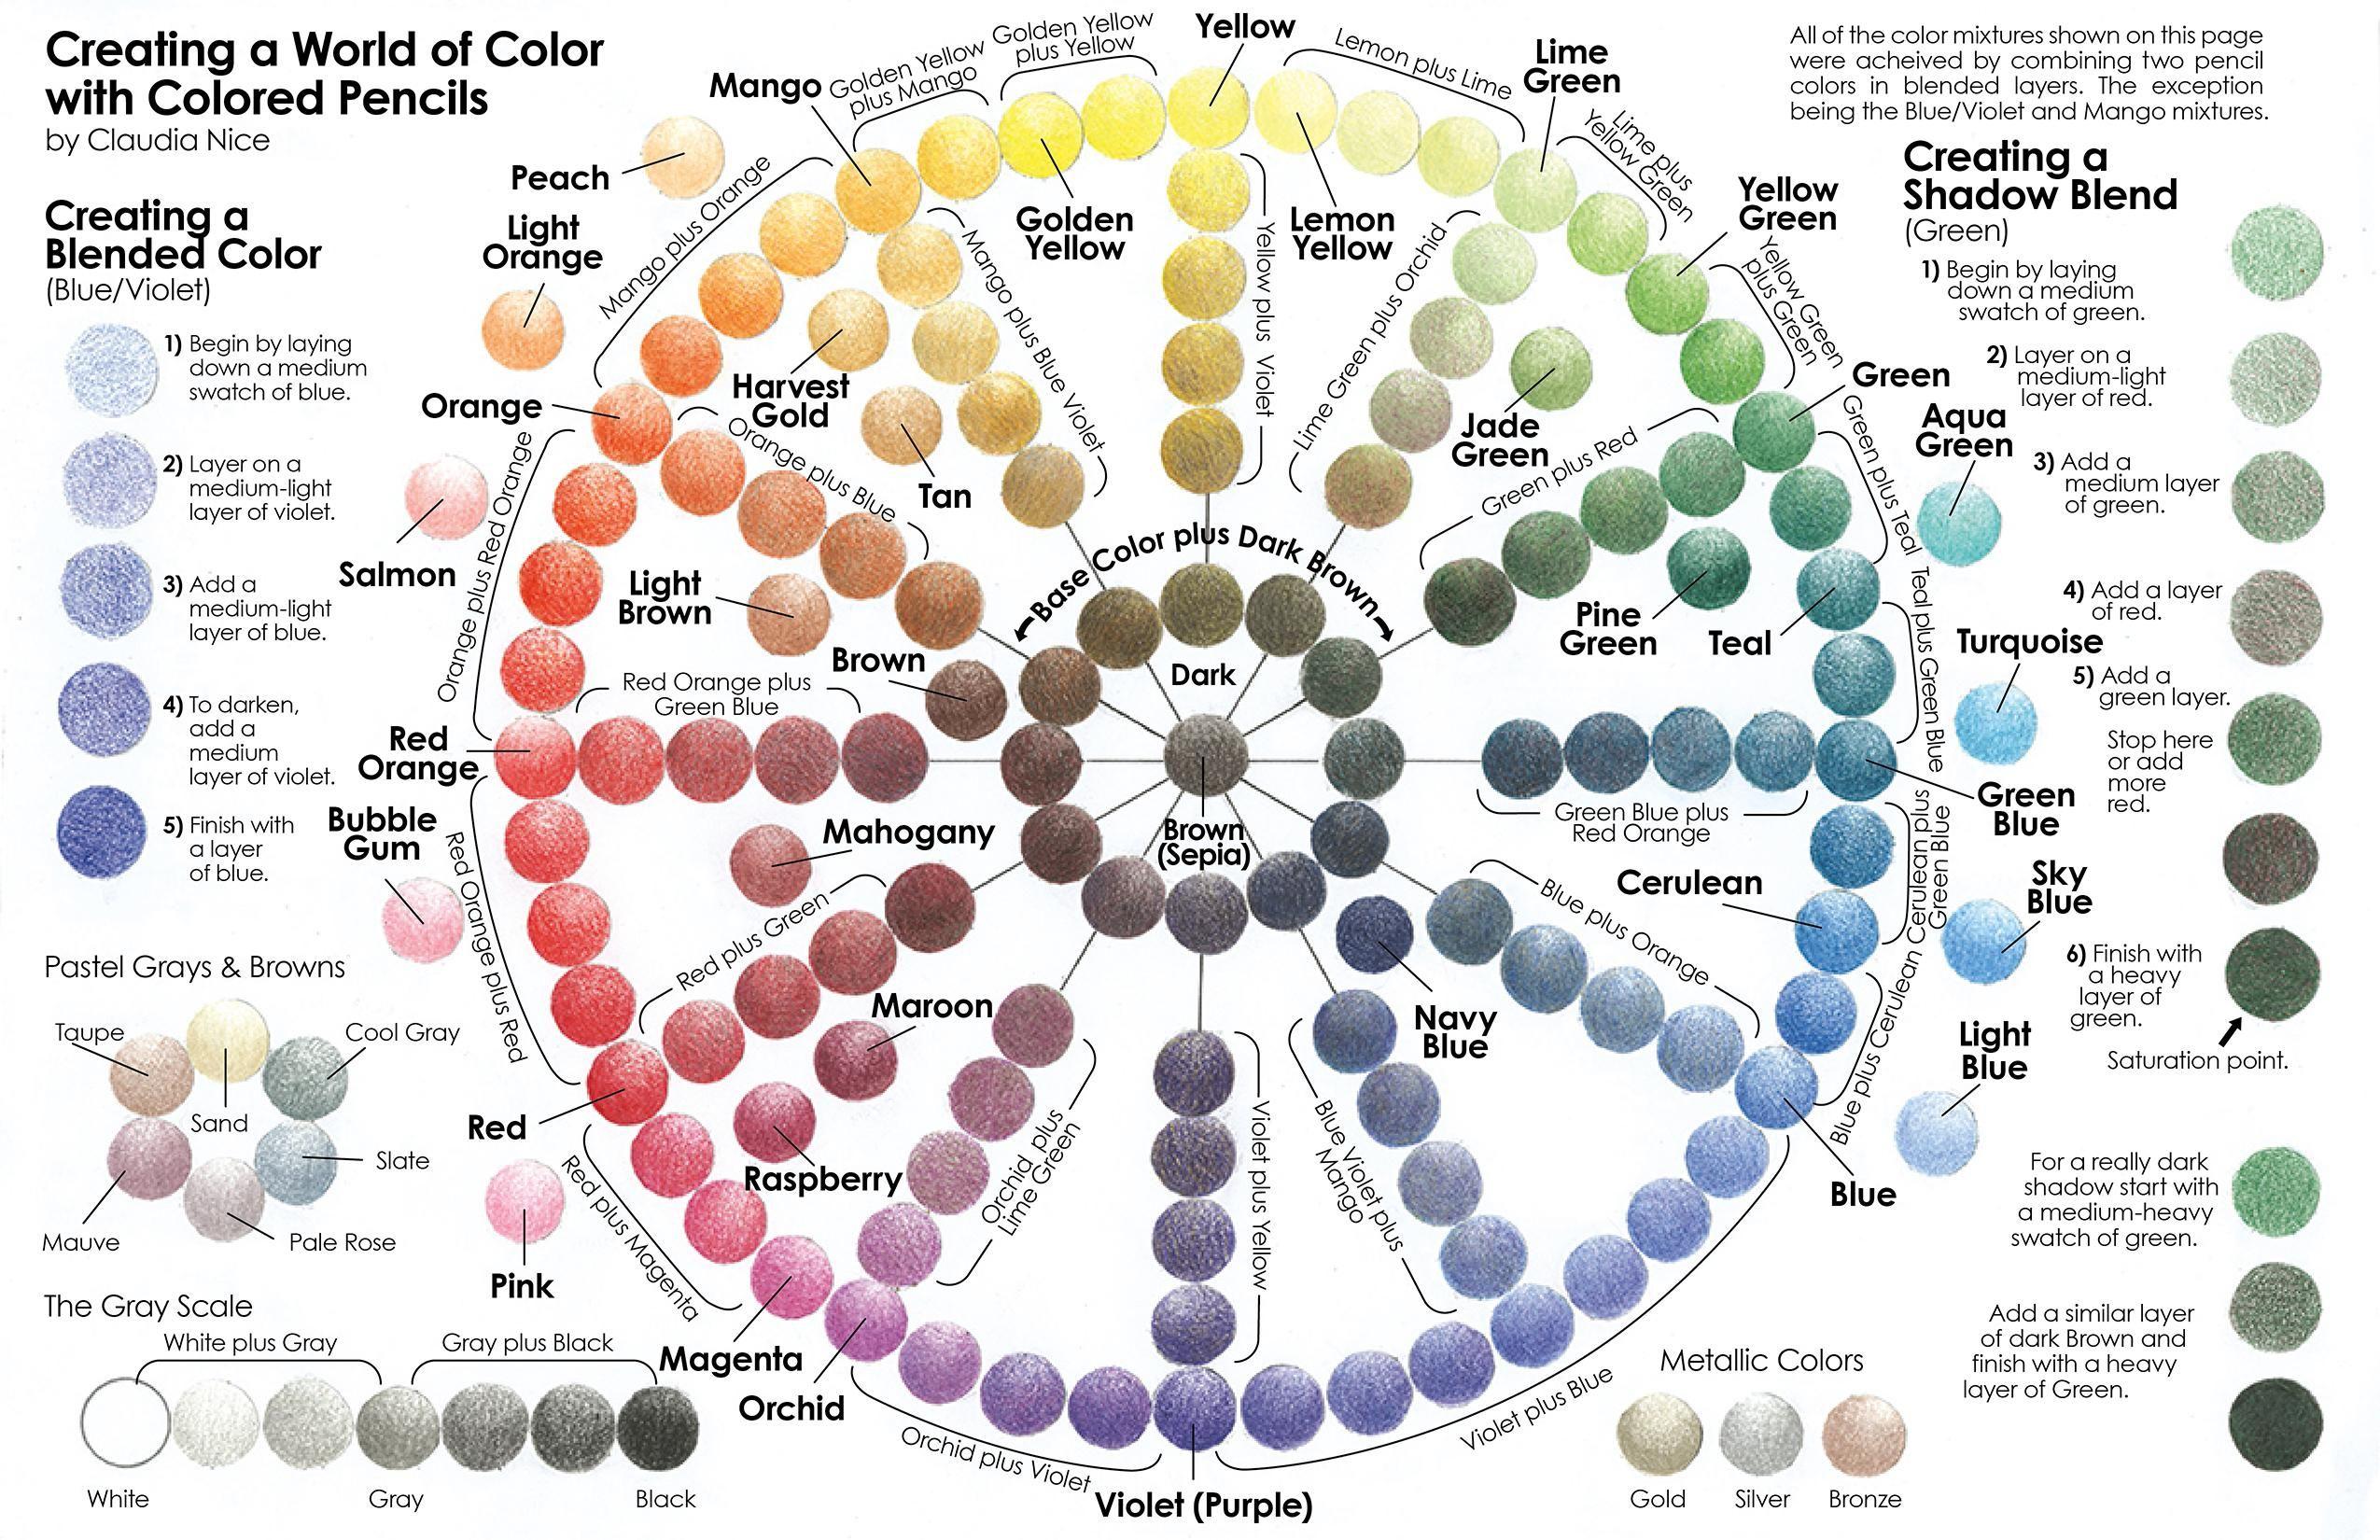 http://www.crayola.com/~/media/Crayola/PDF/Crayola_ColorEscapes_tips ...